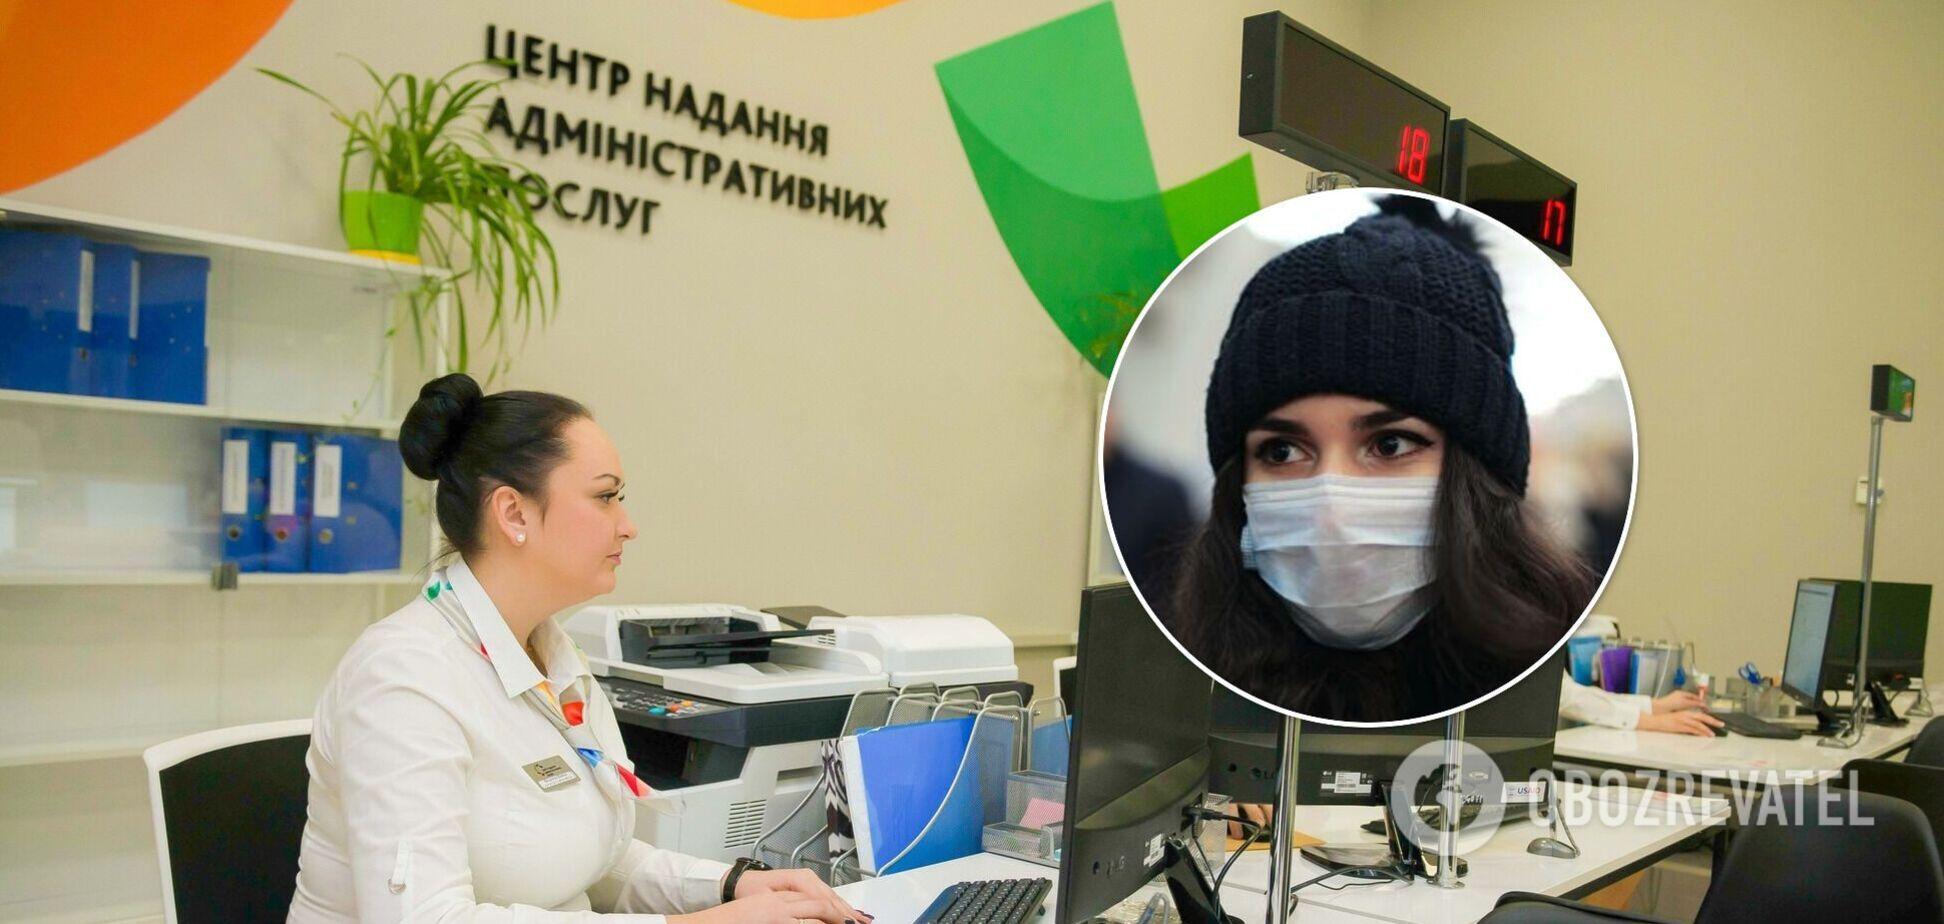 Вход в учреждения будет возможен только в масках